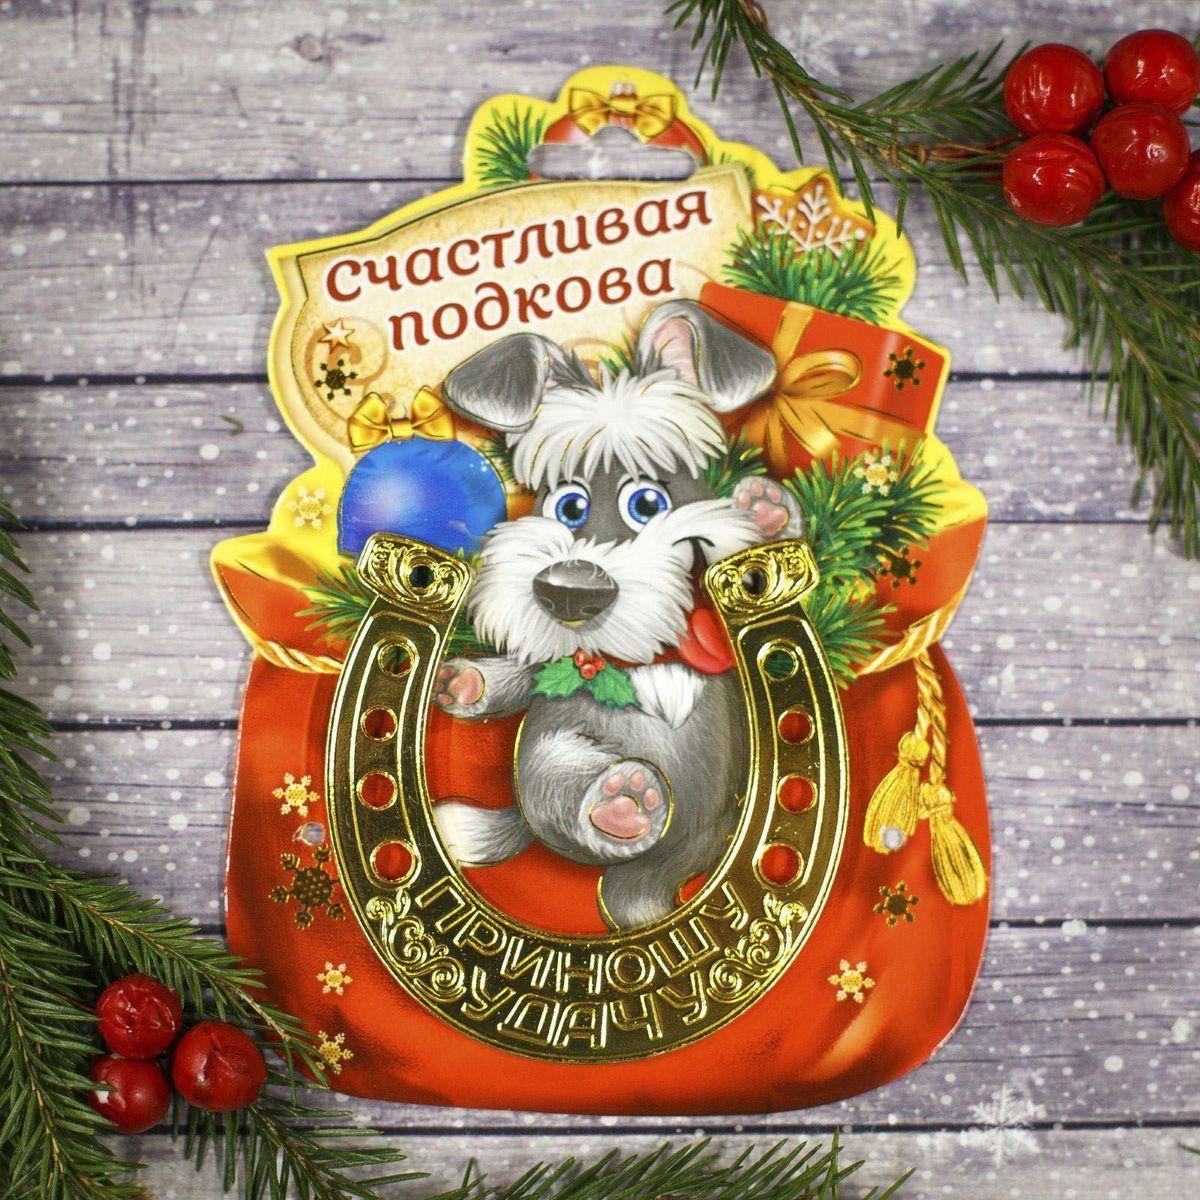 """Приближаются самые добрые и долгожданные праздники — Новый год и Рождество. Подкова """"Sima-land"""" - это чудесный сувенир, способный привлечь счастье, успех и достаток, стоит лишь расположить его на рабочем столе дома или в офисе! Или носить с собой в качестве оберега. Такой подарок прекрасно впишется в любой интерьер и станет отличным атрибутом праздника, а также станет отличным оберегом своего хозяина."""